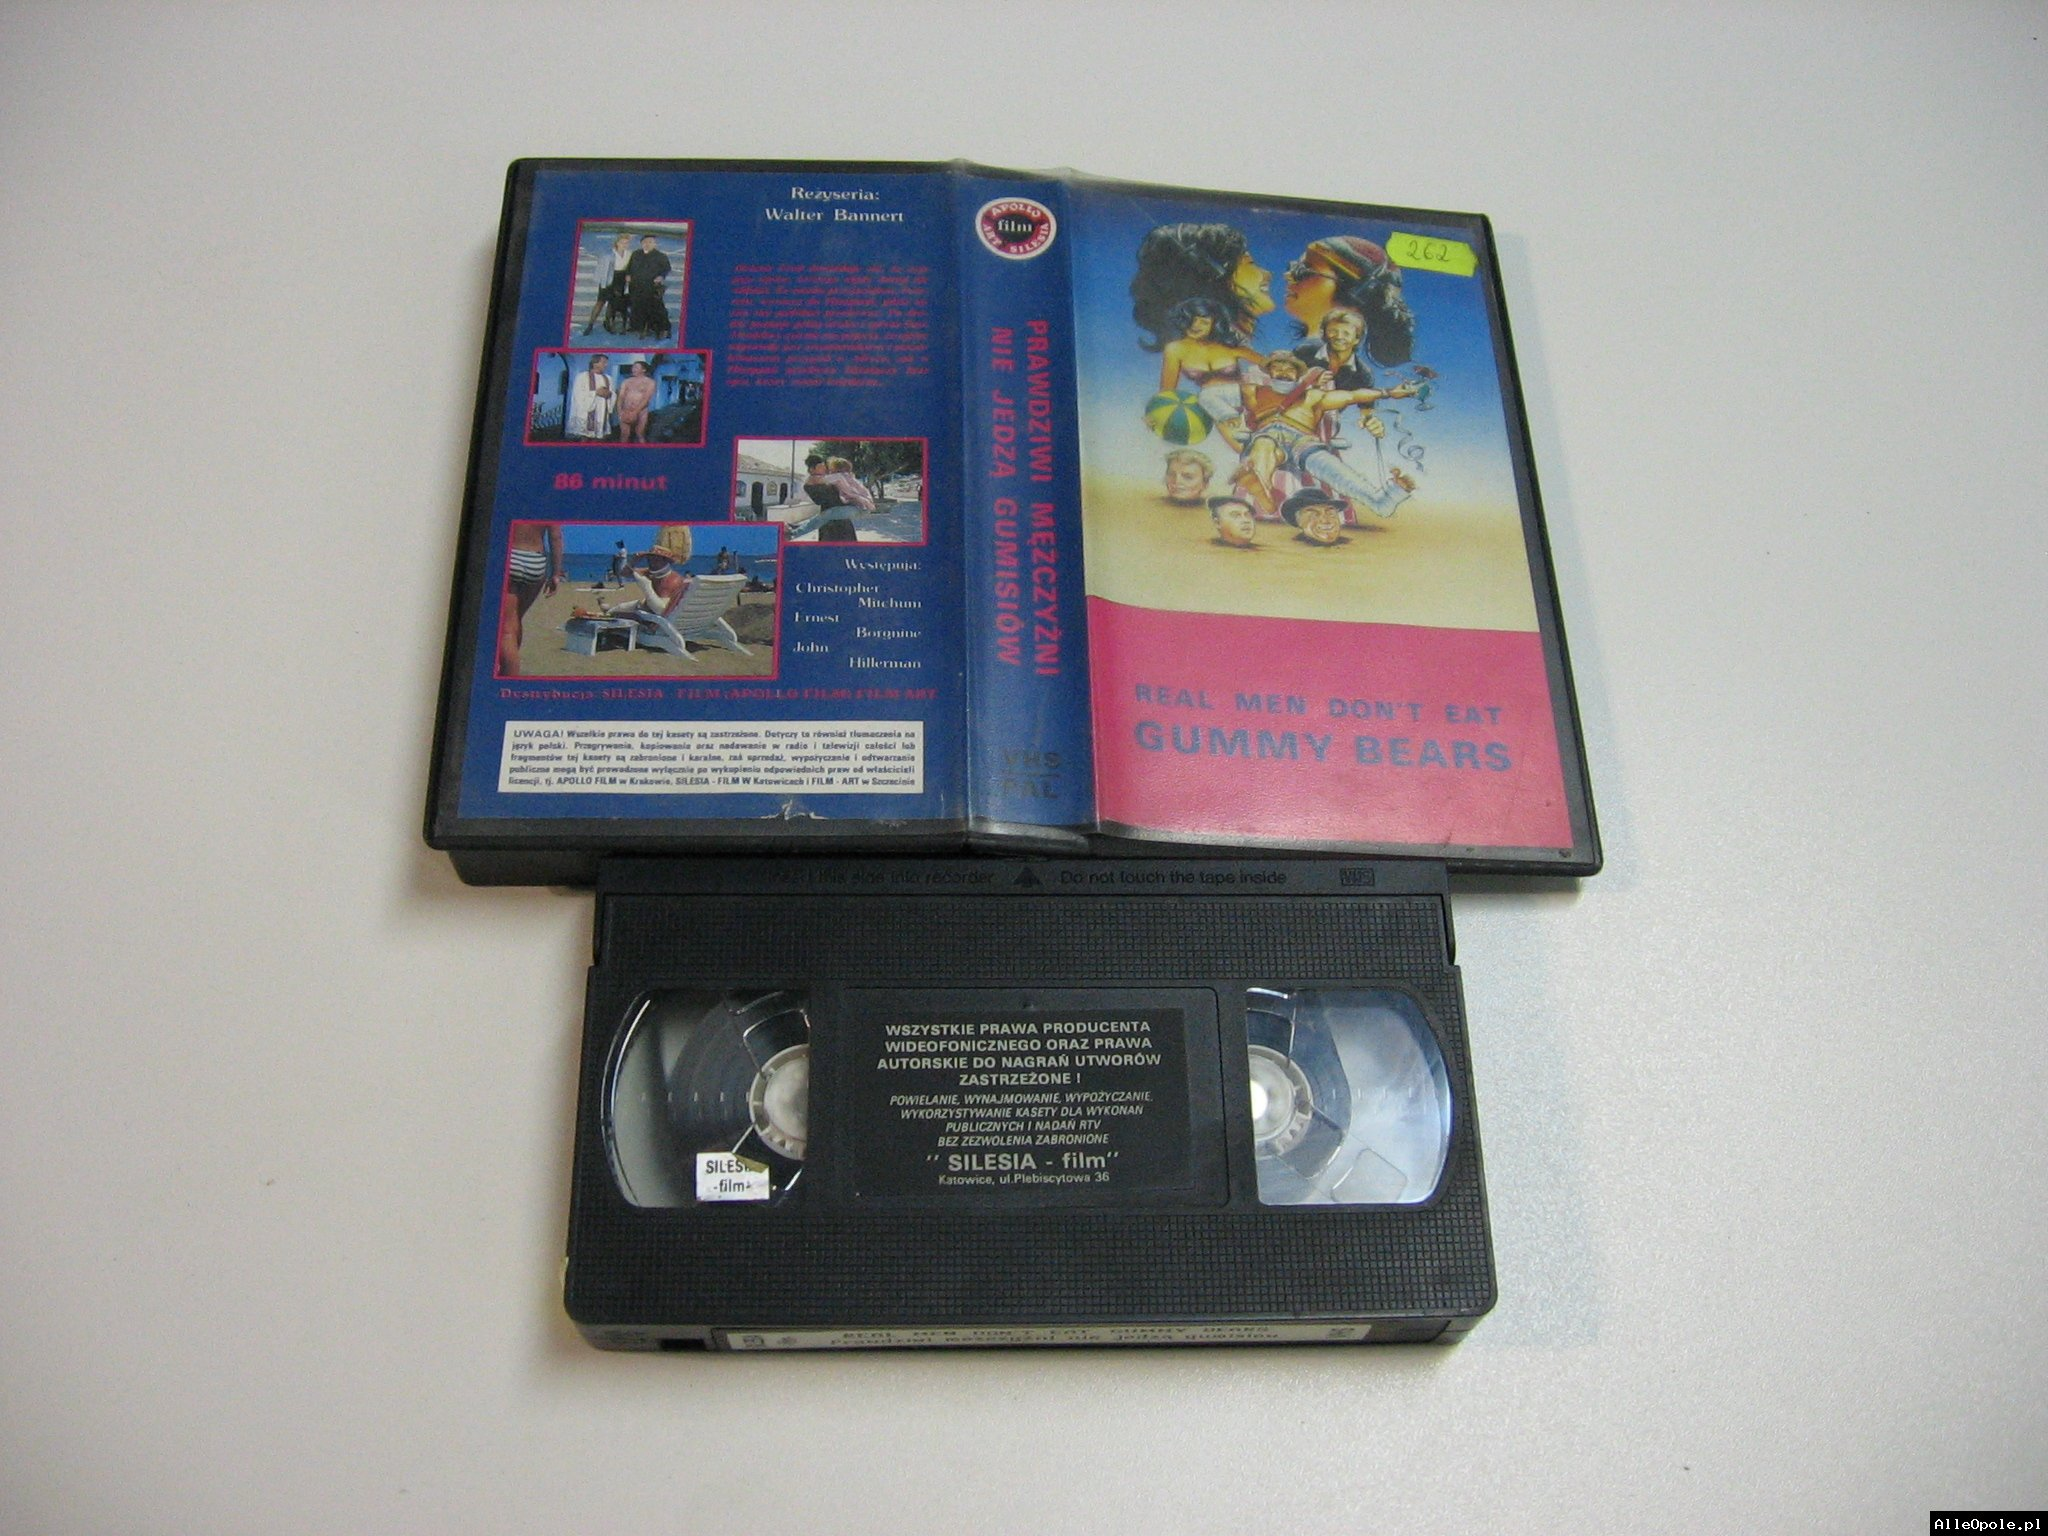 PRAWDZIWI MĘŻCZYŹNI NIE JEDZĄ GUMISIÓW - VHS Kaseta Video - Opole 1837